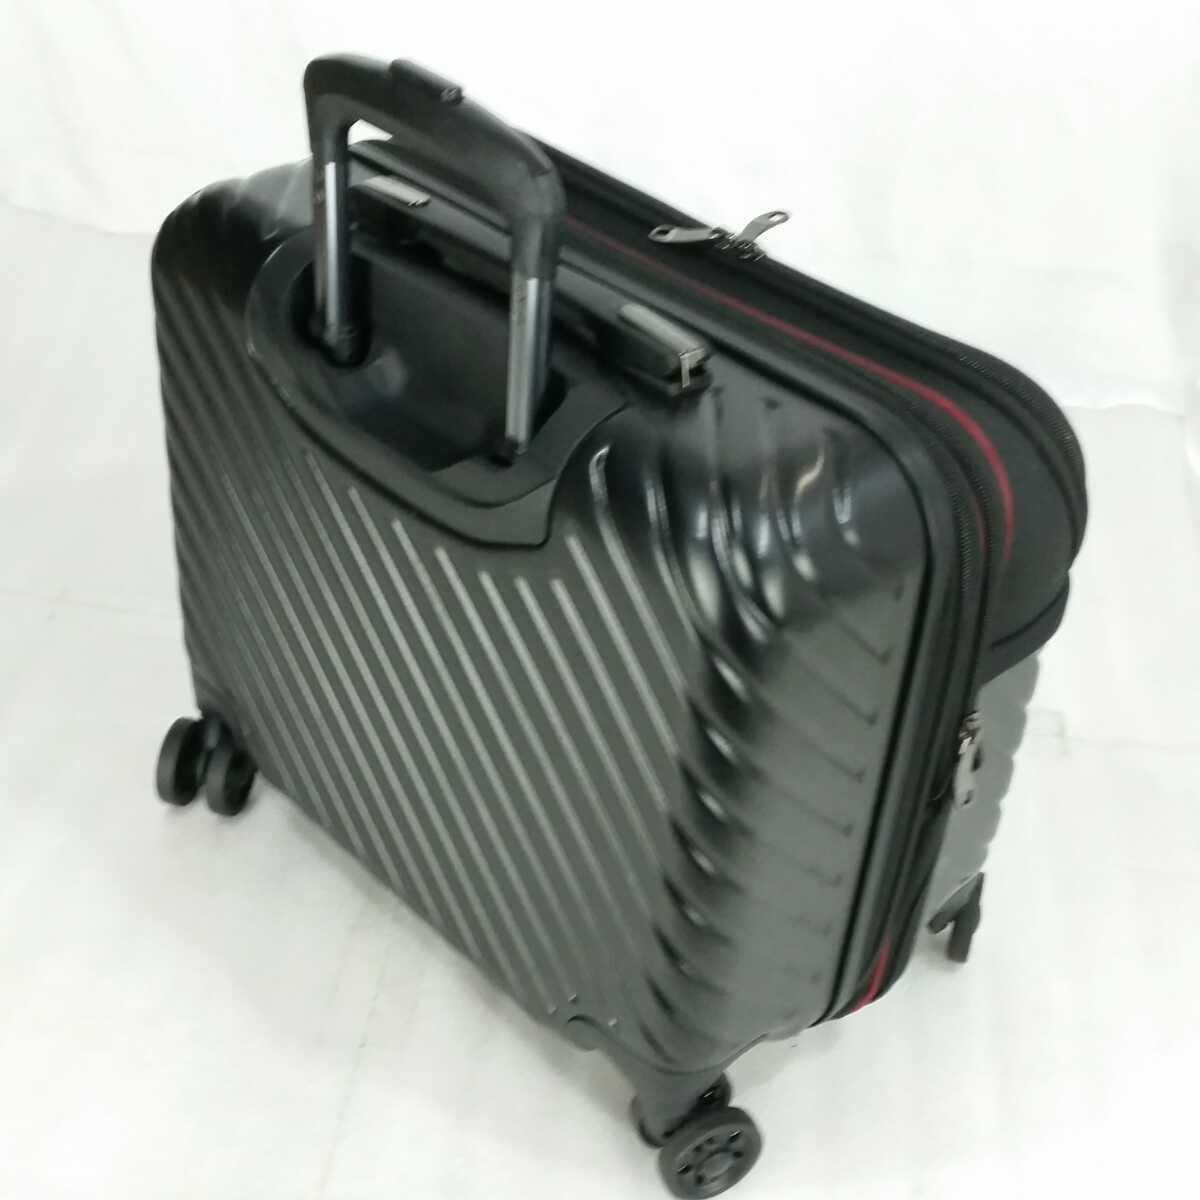 ス111 Sサイズ 横型 フロントオープン スーツケース キャリーケース 機内持ち込み 拡張機能 ブラック_画像3